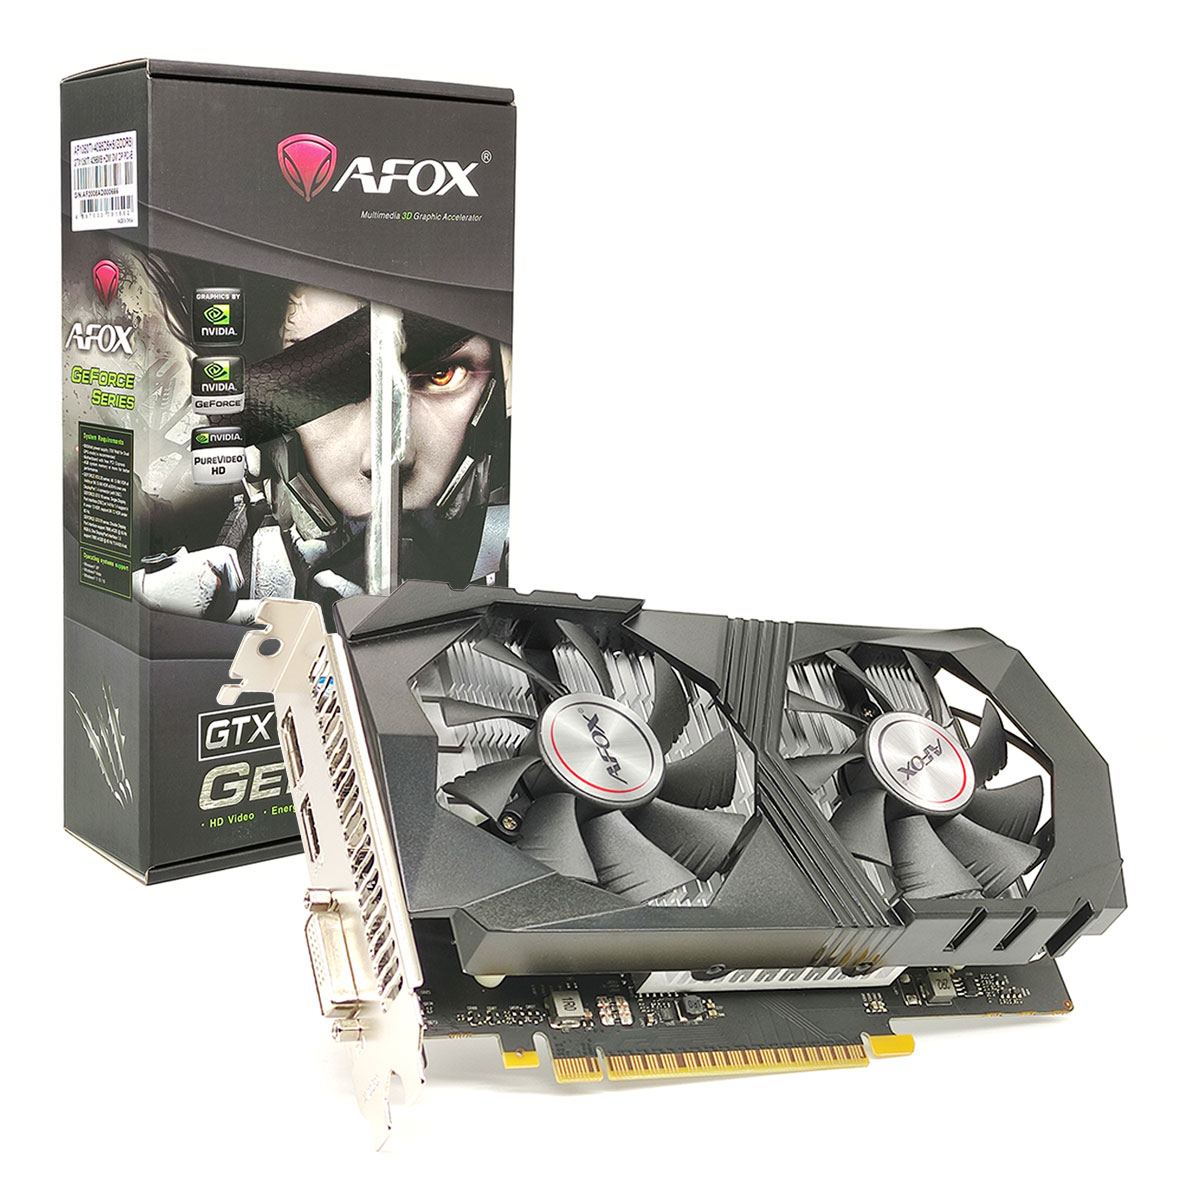 Placa de Vídeo Afox GeForce GTX 1050 TI, 4GB, DDR5, 128 Bits, HDMI/DVI/DP - AF1050TI-4096D5H5